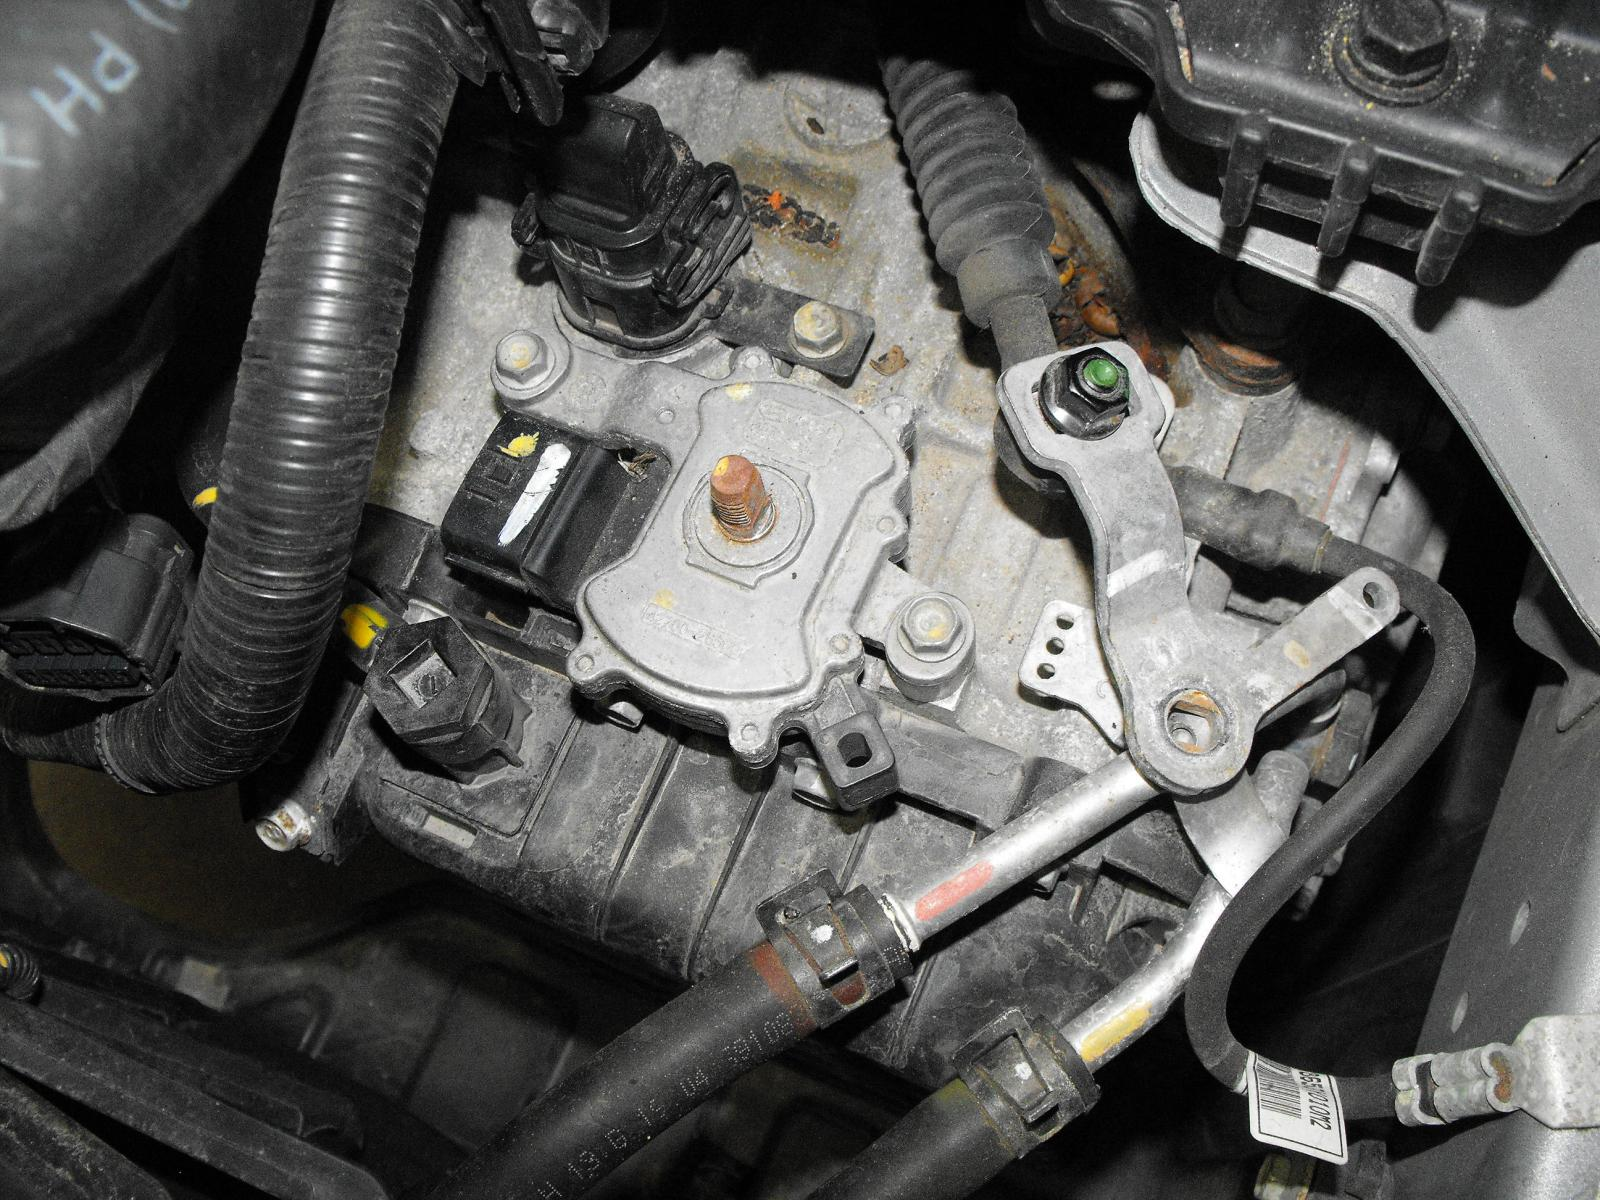 2013 Hyundai Sonata Transmission Fluid Location